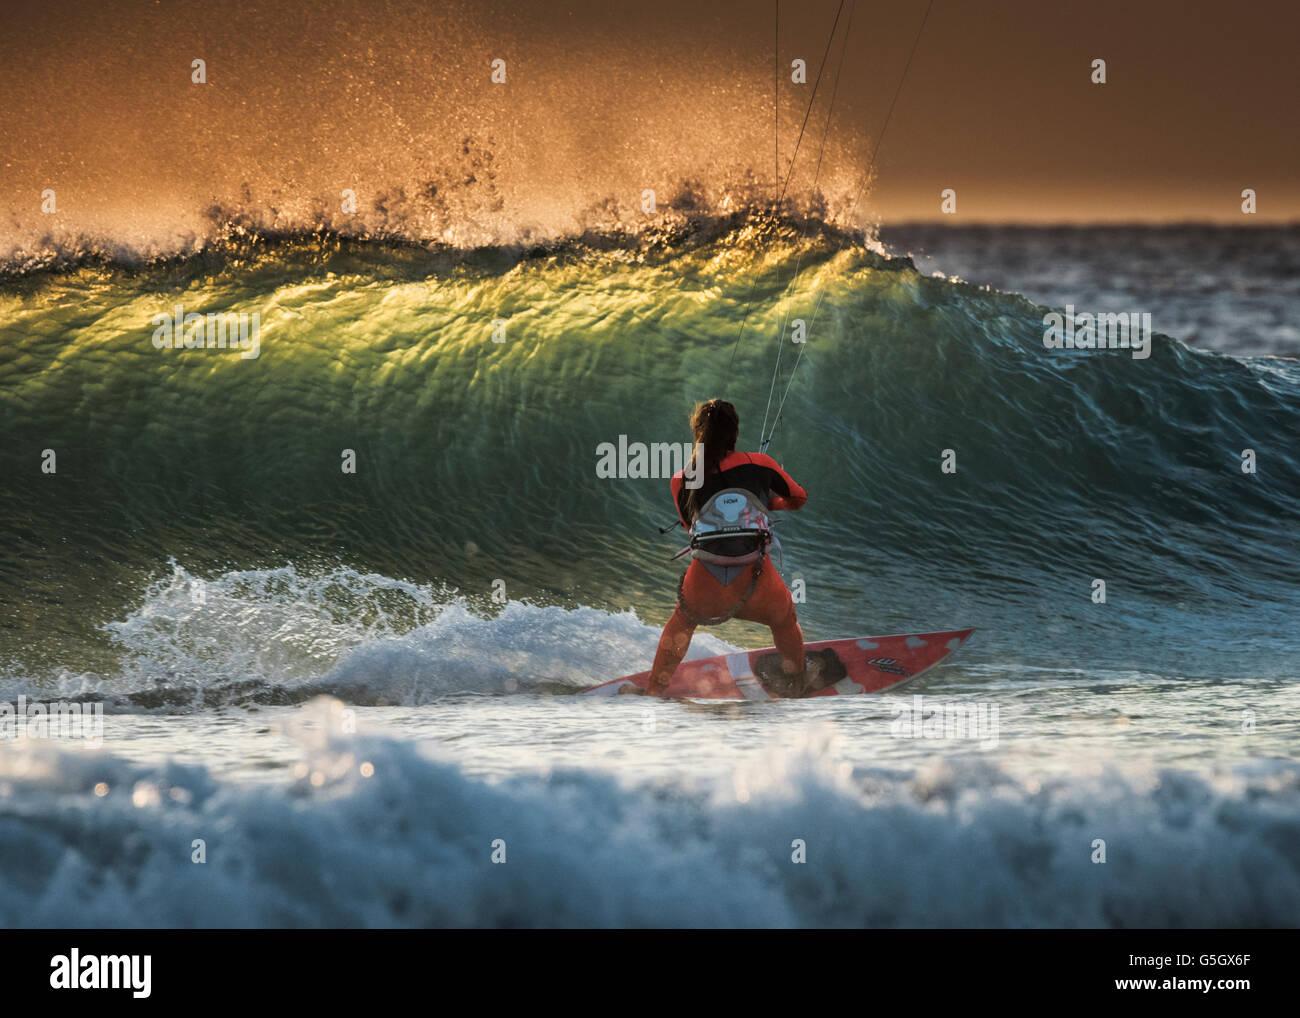 Kitesurfer a cavallo di un onda in Tarifa, Costa de la Luz, Cadice, Andalusia, Spagna, Europa meridionale. Immagini Stock